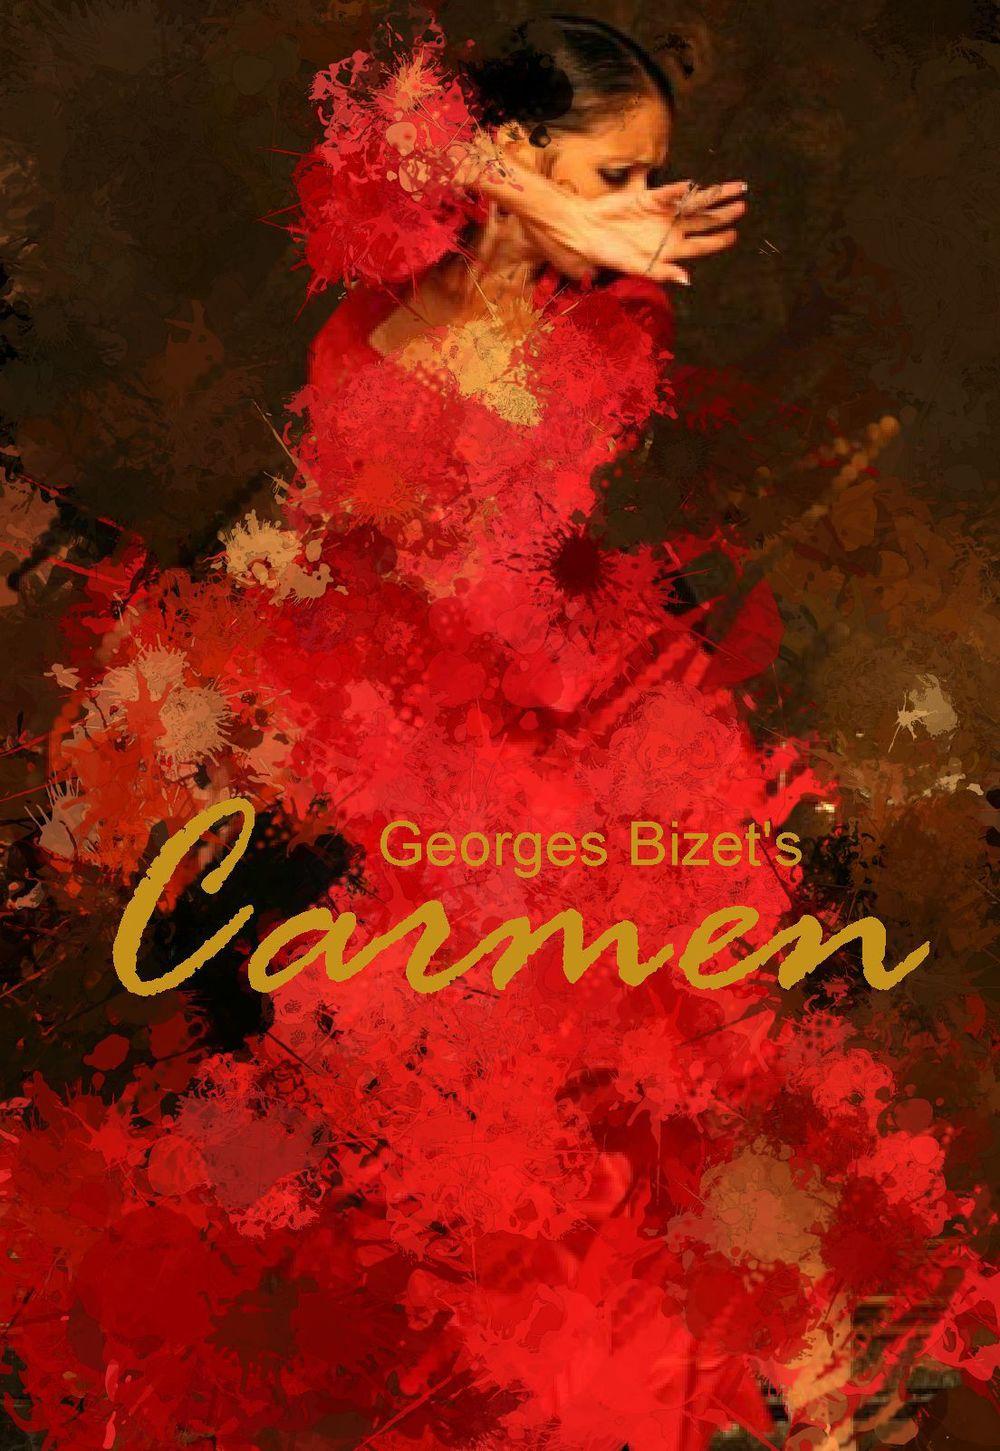 carmen-poster1.jpg